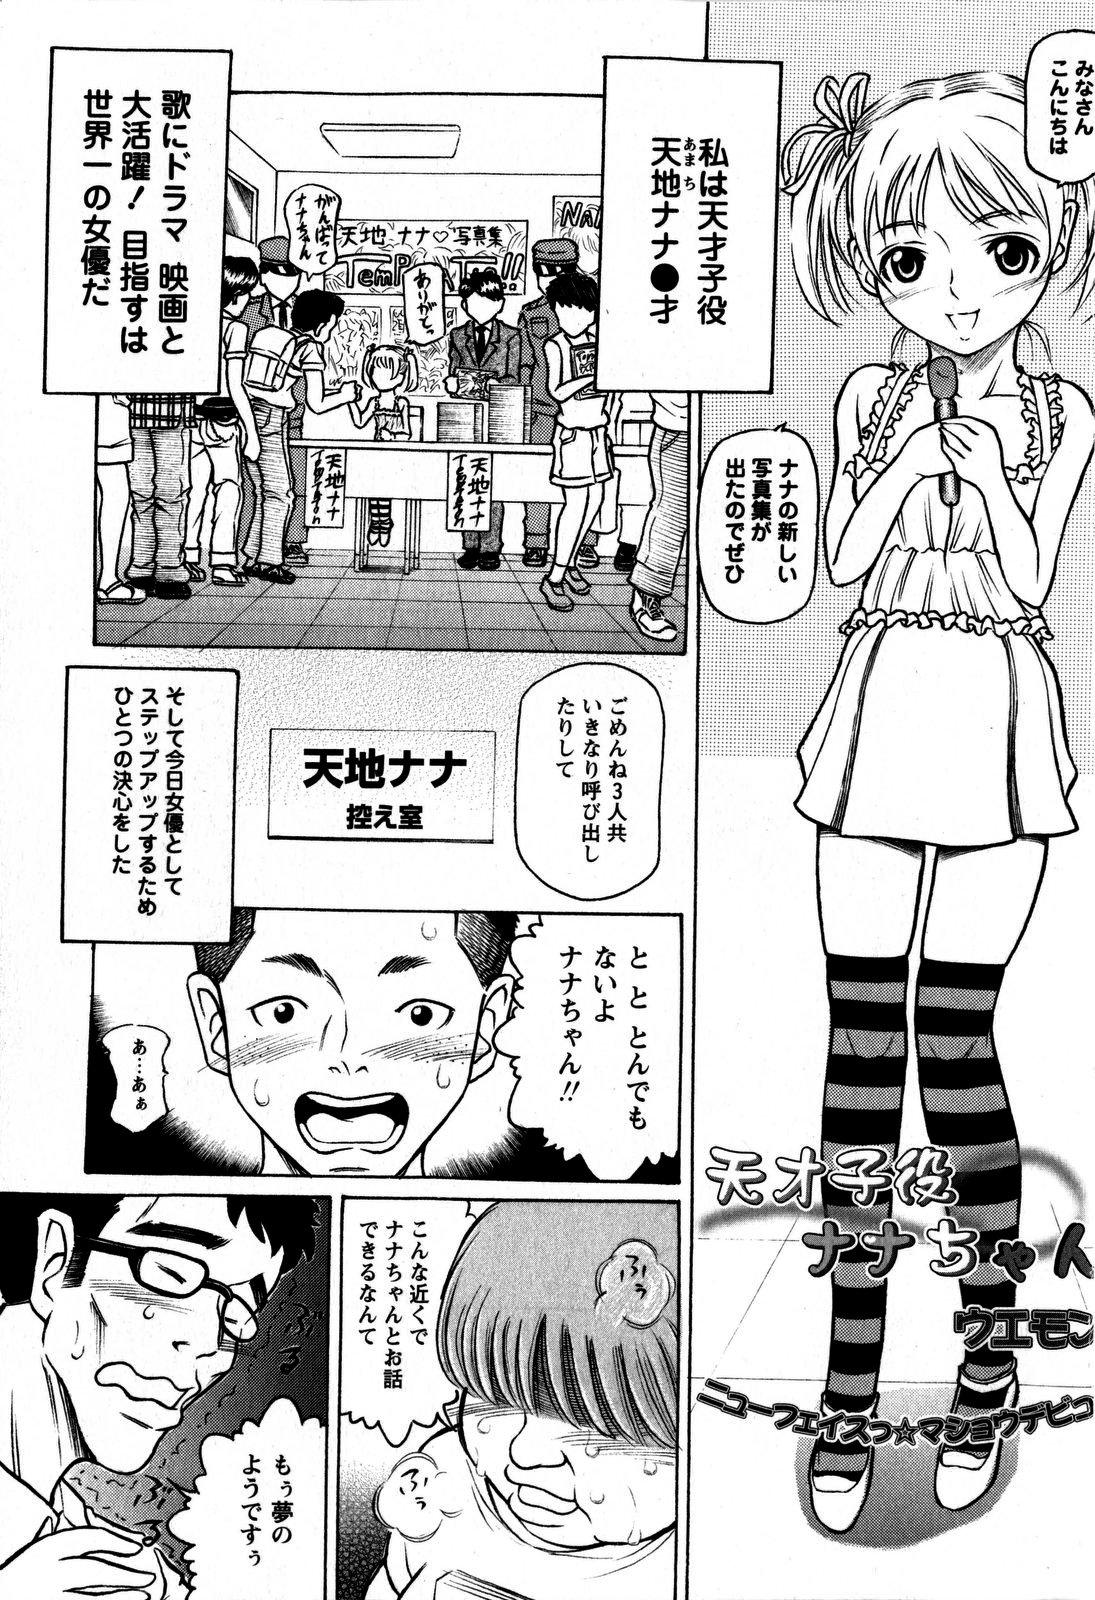 Comic Masyo 2009-06 228